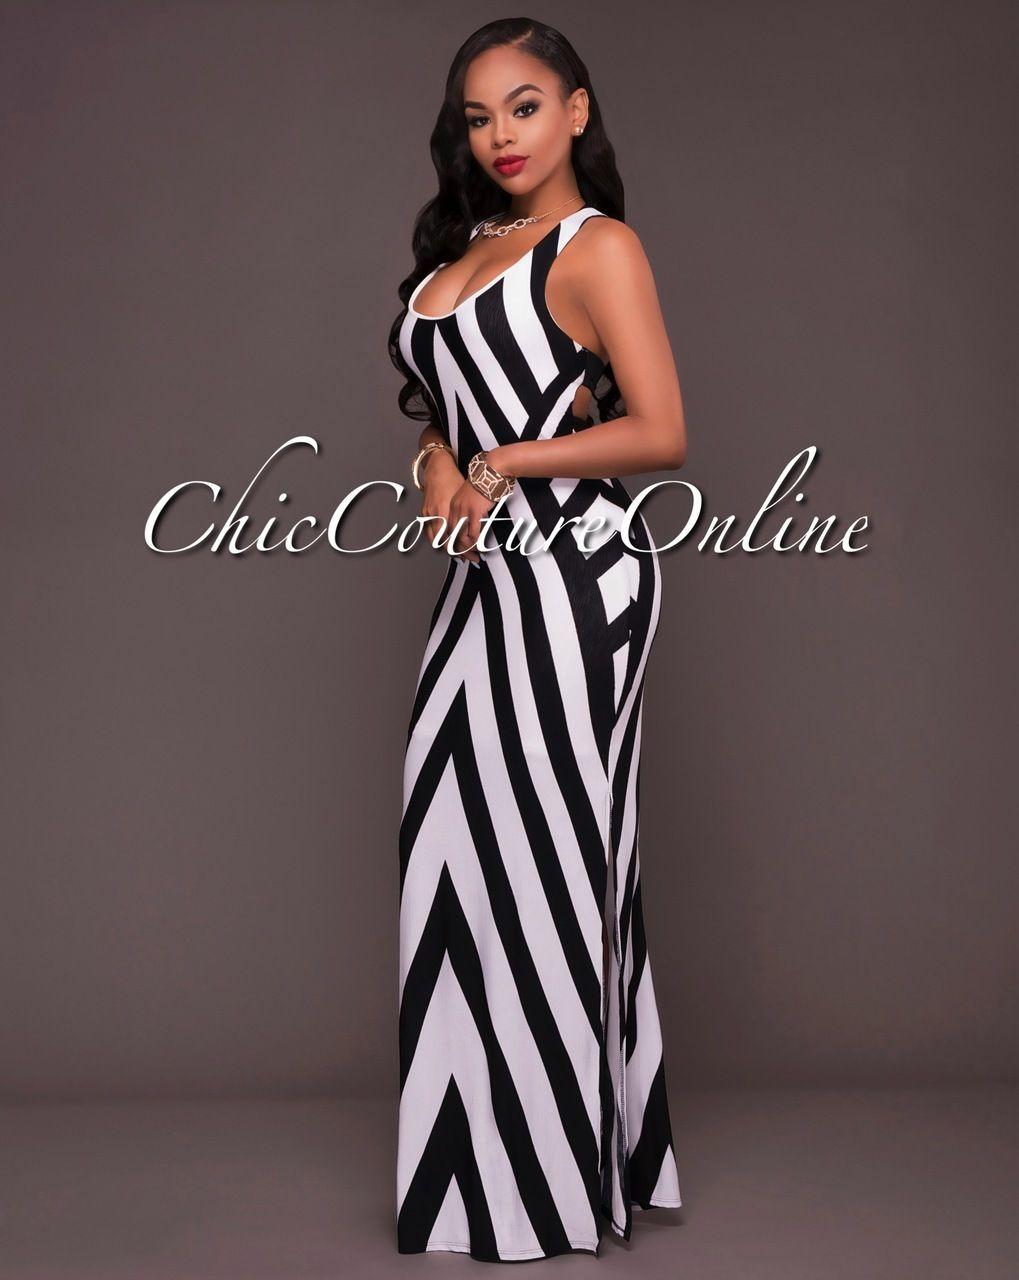 74cc823e21956 Chic Couture Online - Hattie Black White Stripes Cut-Out Back Maxi Dress,  $45.00